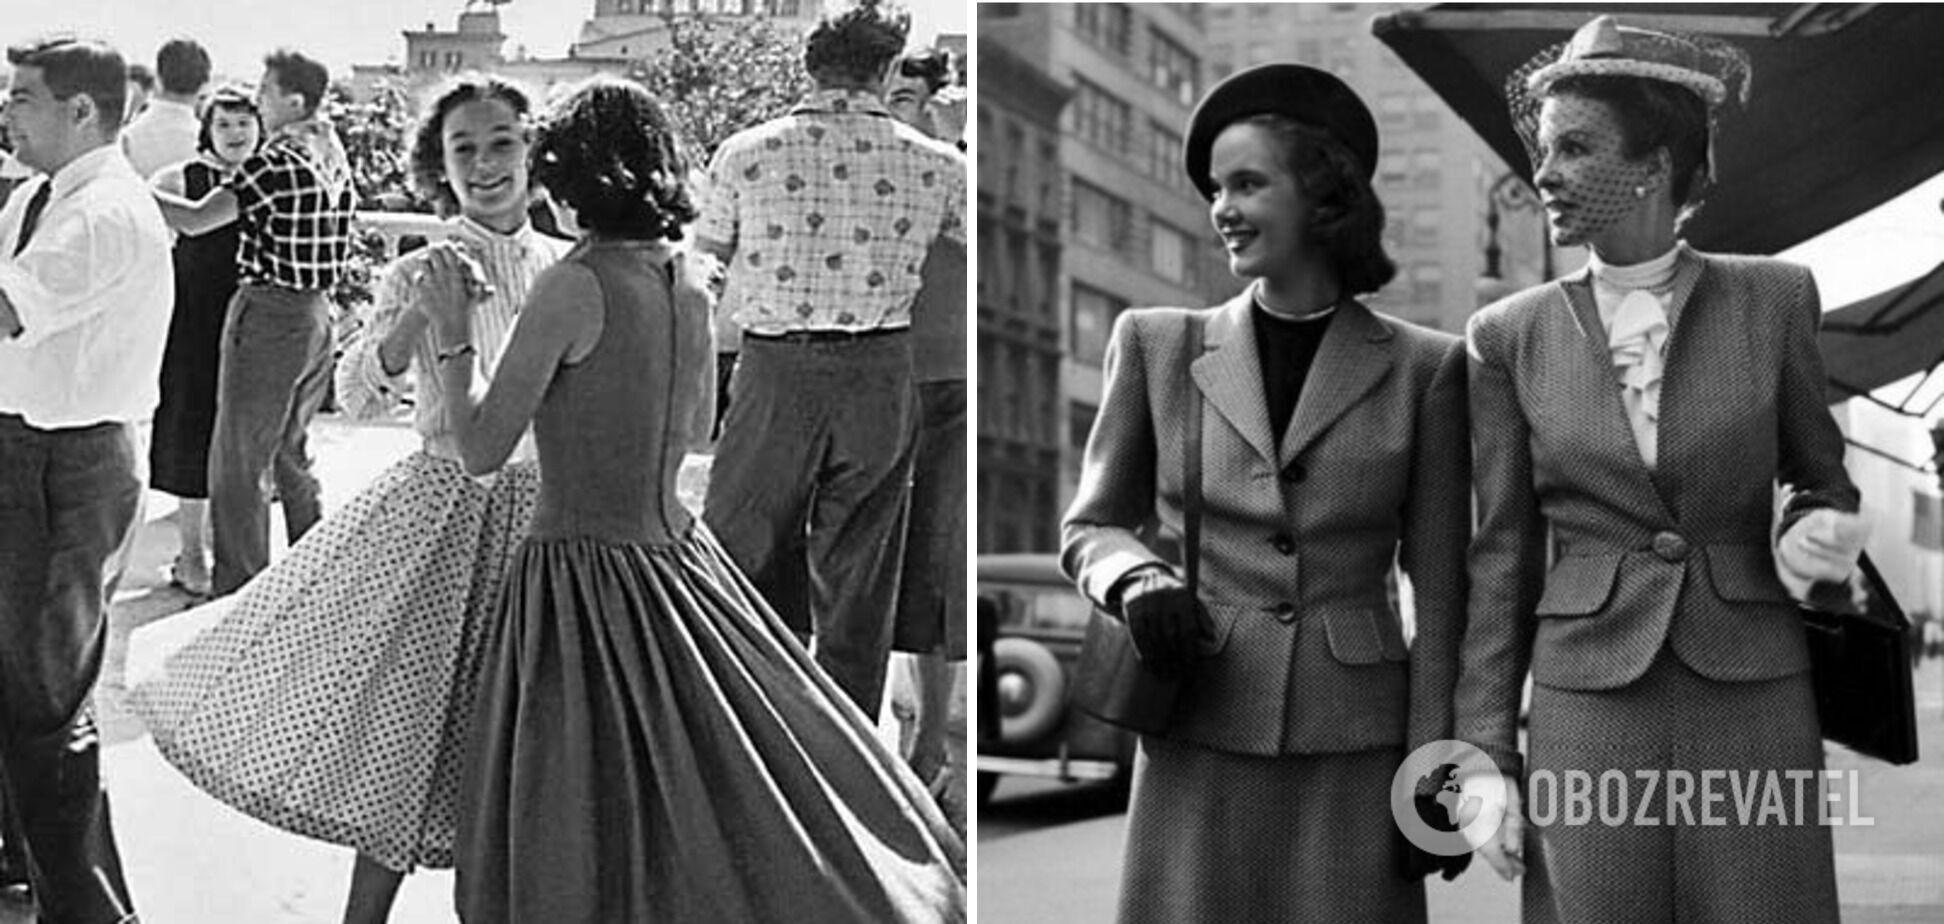 Платья в горошек, маленькие шляпы и жакеты с подплечниками были на пике популярности в СССР в 40-х годах